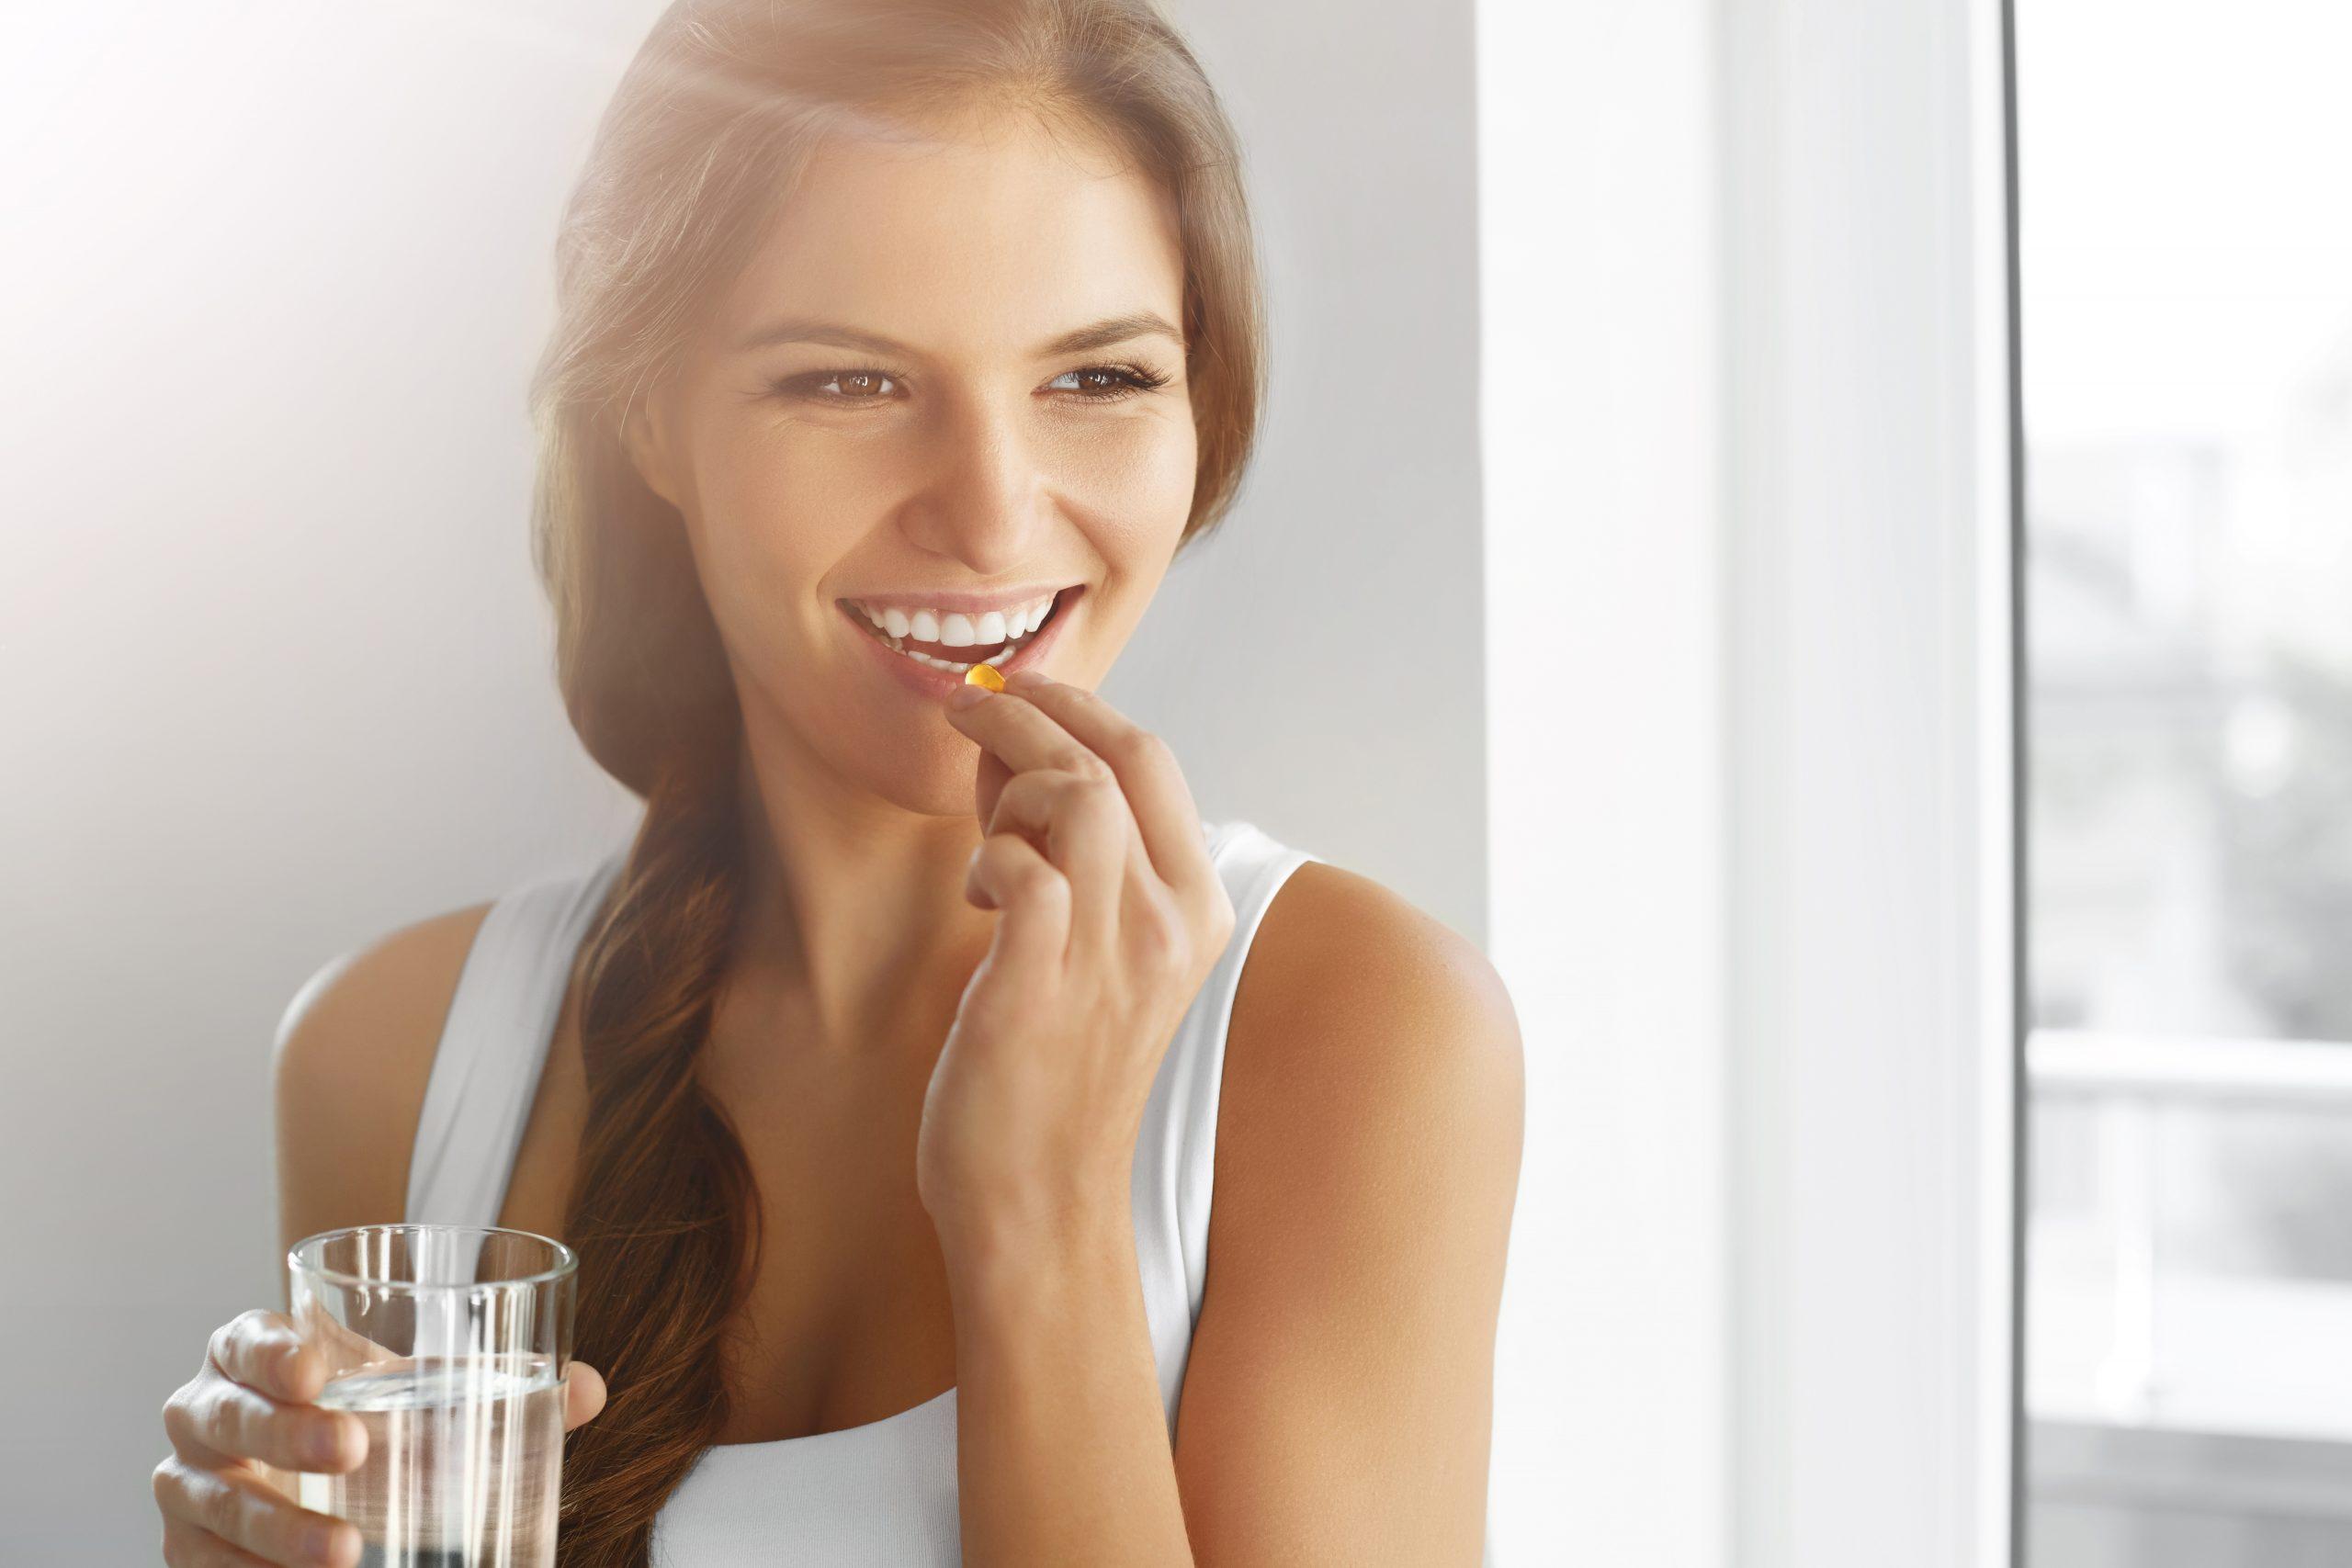 Dosis elevadas de 100,000 UI son seguras para tratar insuficiencia y deficiencia de Vitamina D